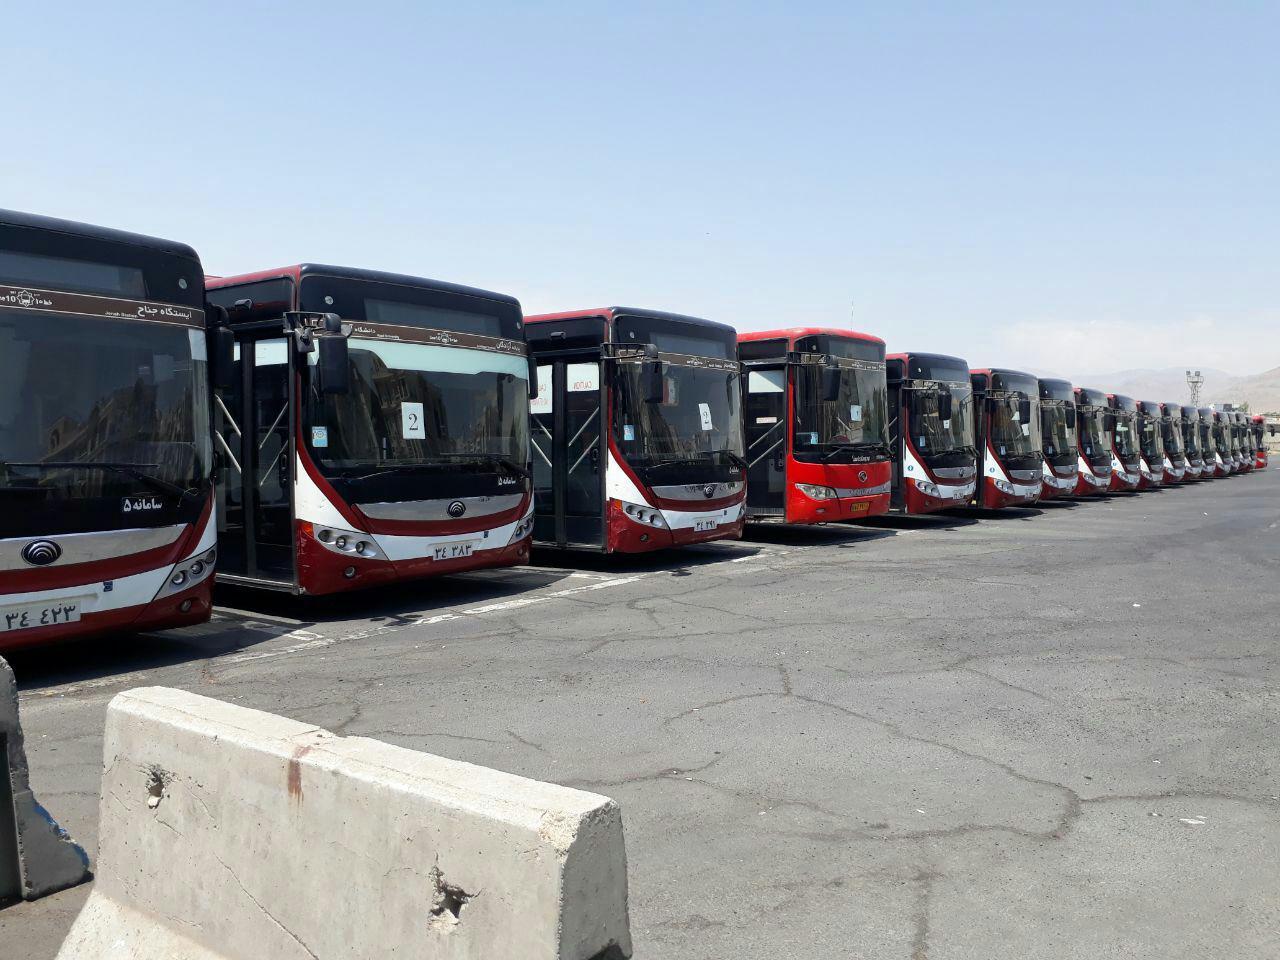 زمینگیرشدن اتوبوسهای شرکت واحد به دلیل کمبود باتری